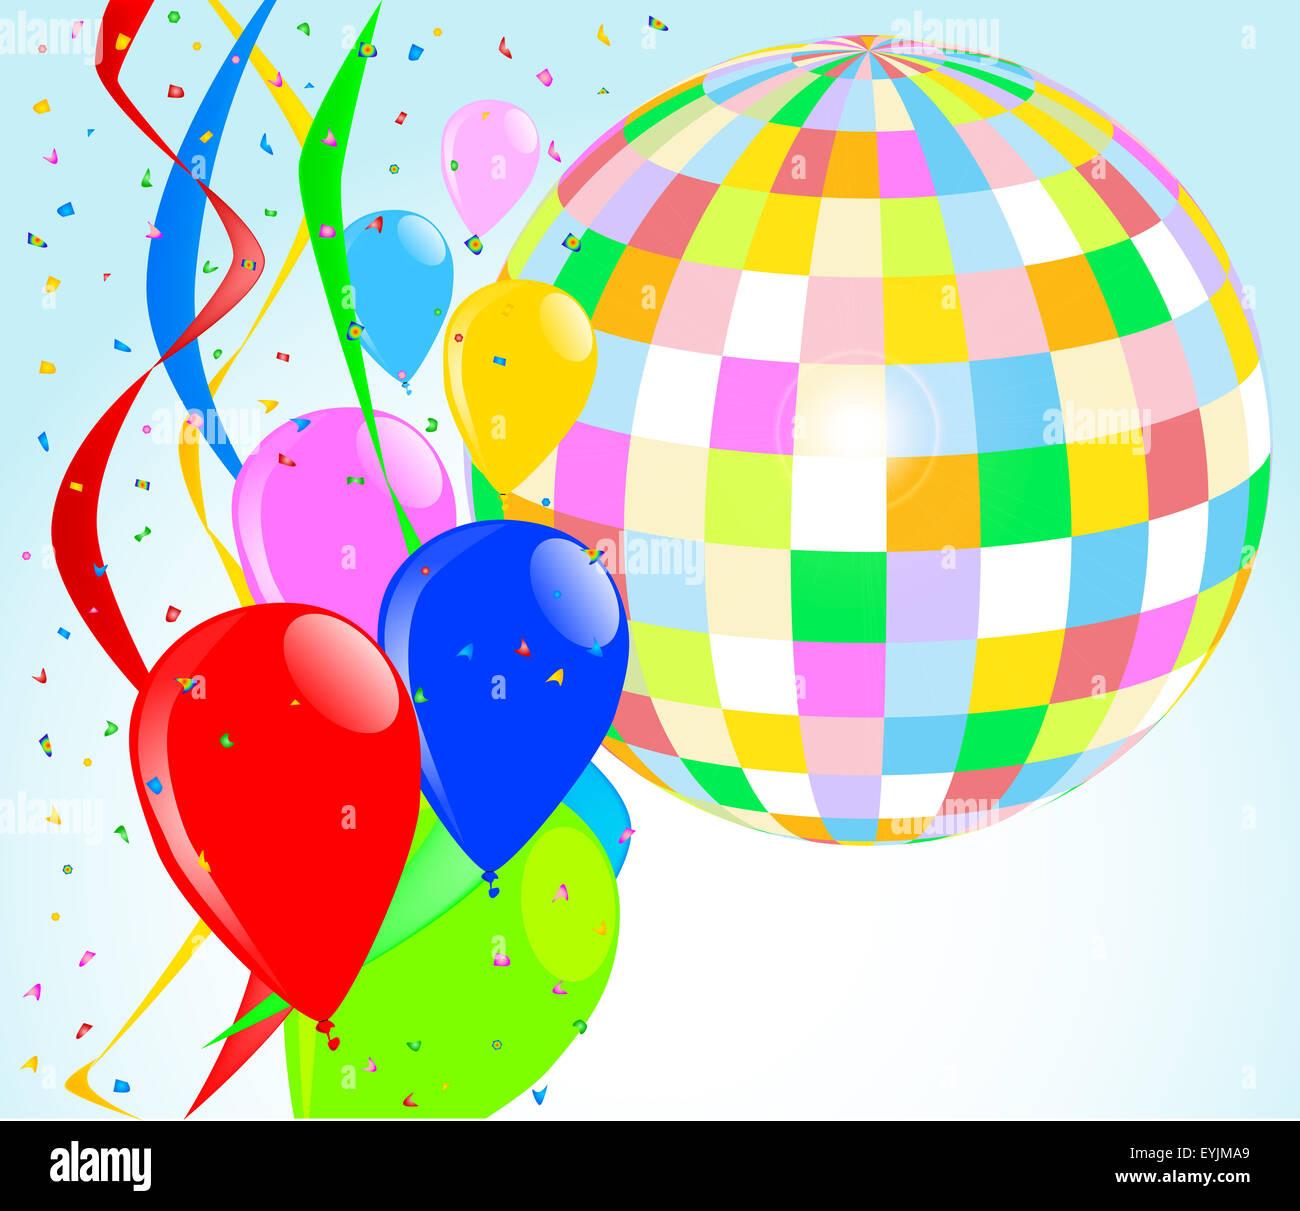 eine partei hintergrund mit luftballons und eine gro e disco kugel stockfoto bild 85848289 alamy. Black Bedroom Furniture Sets. Home Design Ideas